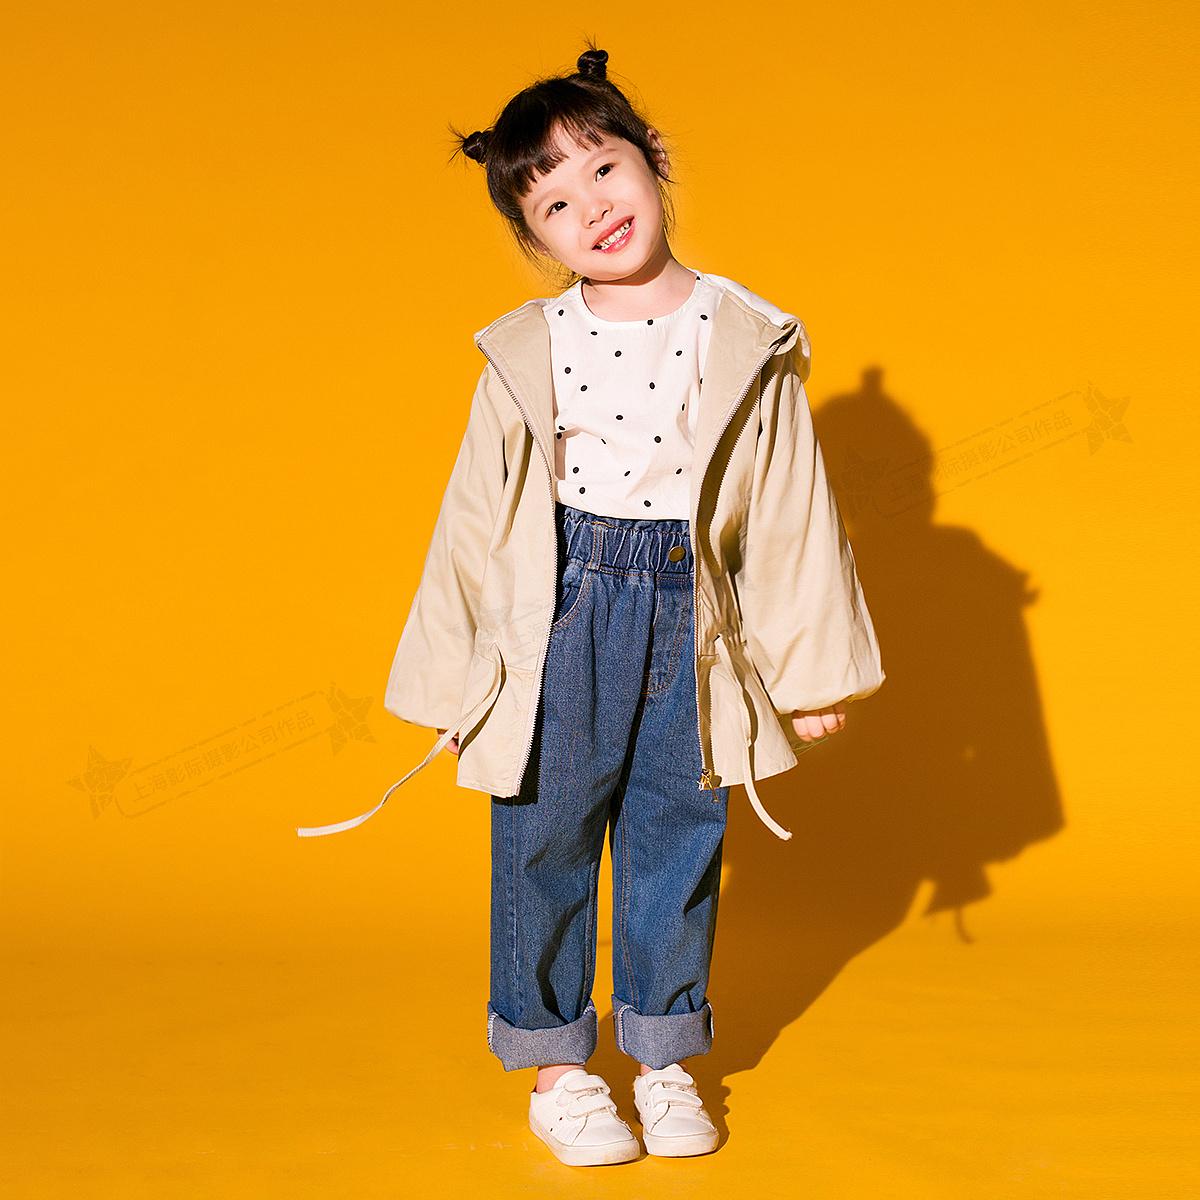 淘宝上死人衣服模特图_童装模特拍摄 服装模特拍摄 网店上新图片拍摄|摄影|产品|影际 ...